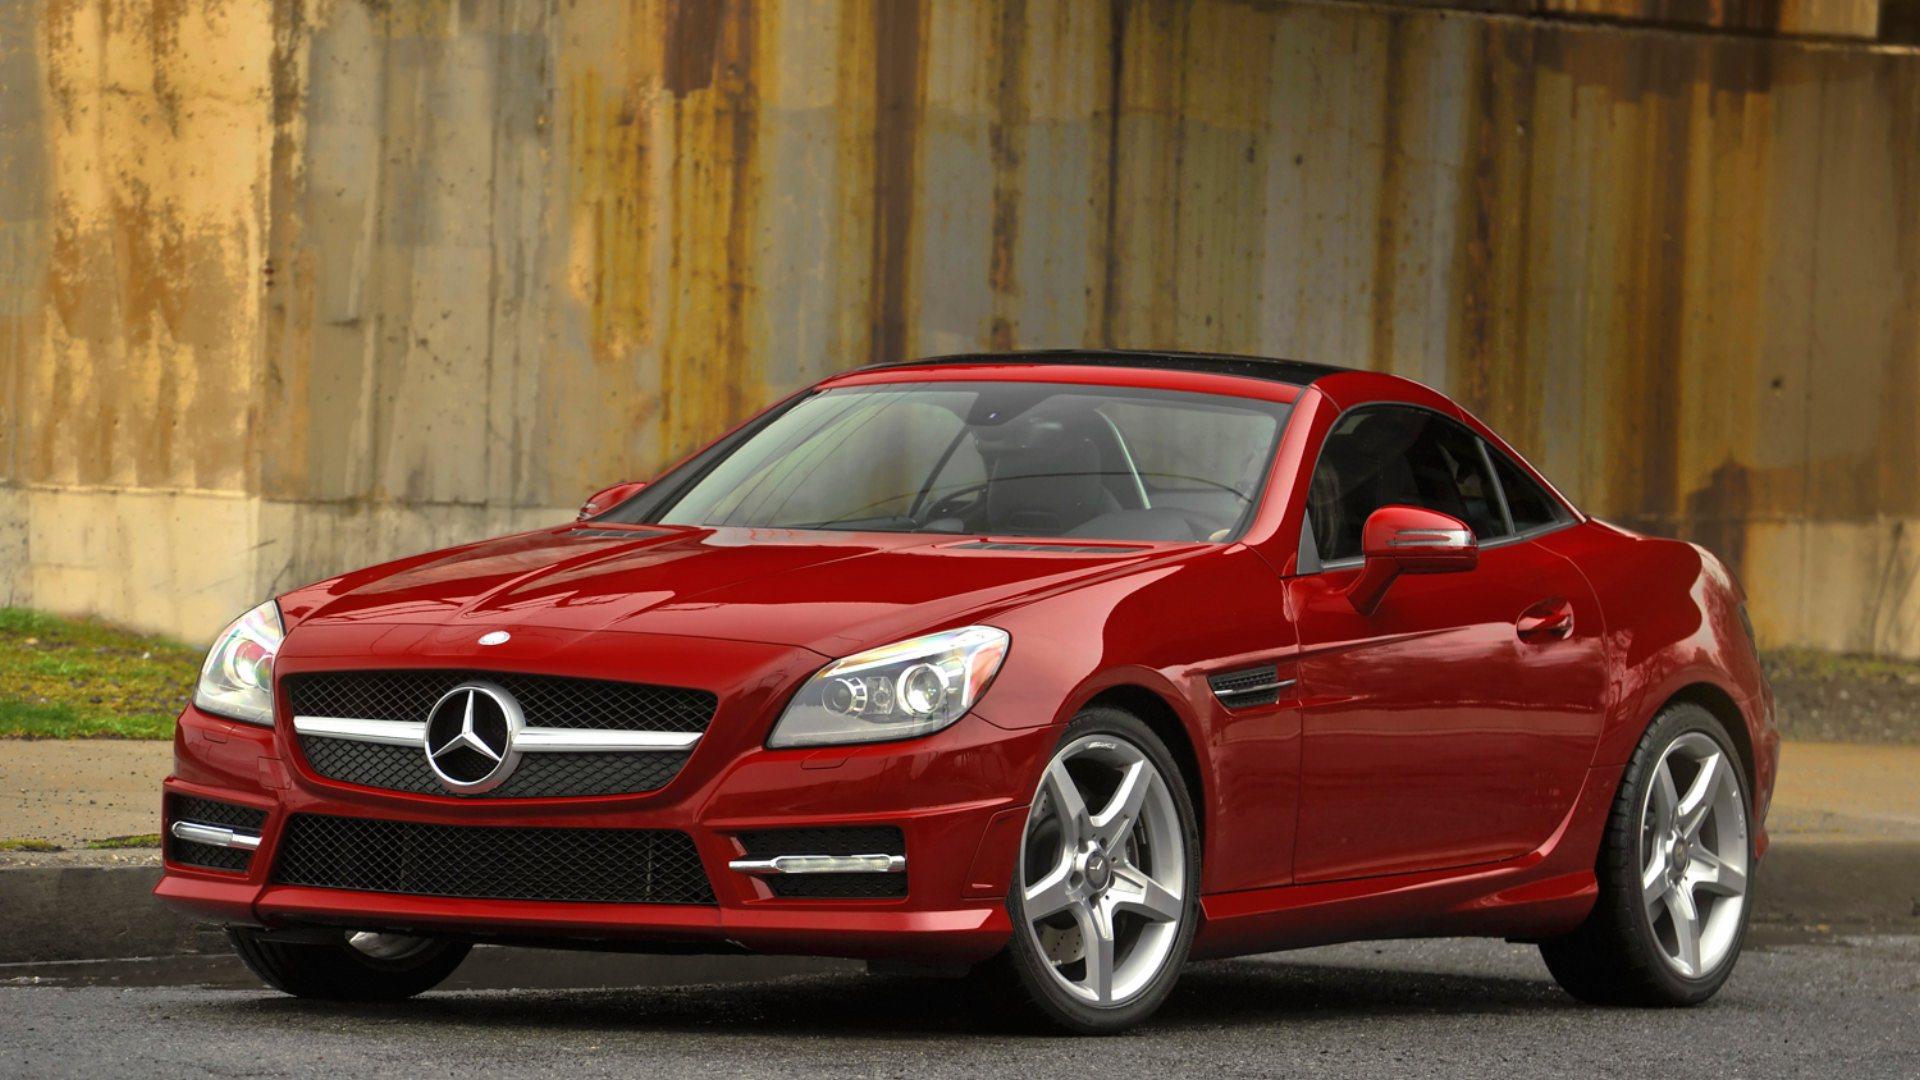 Komisch 2018 mercedes benz slk roadster wallpapers for Mercedes benz slk 2018